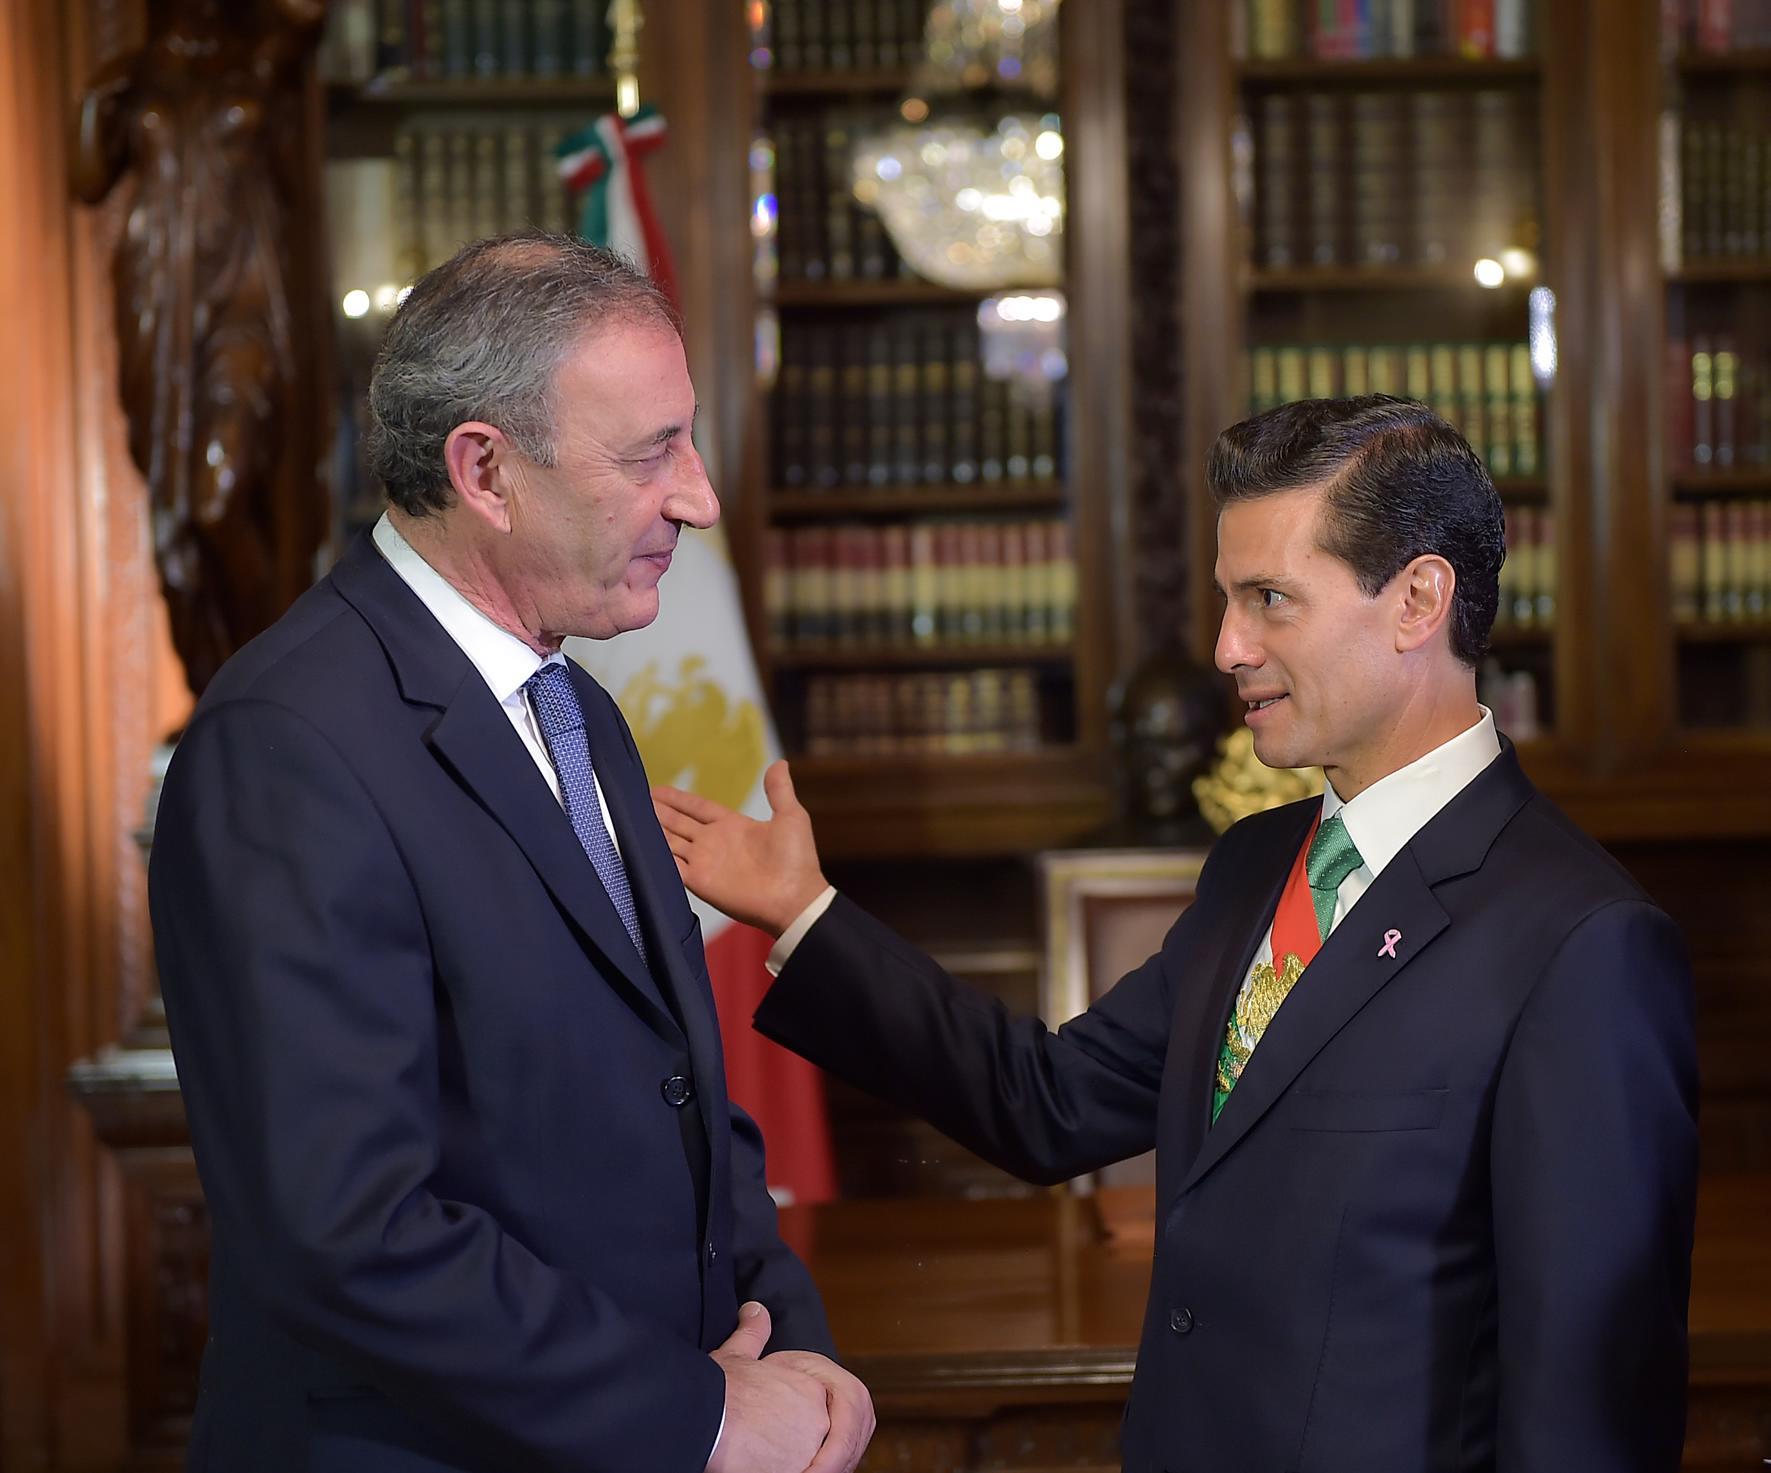 El Primer Mandatario con el señor Pius Joseph Camilleri, Embajador de la República de Malta.